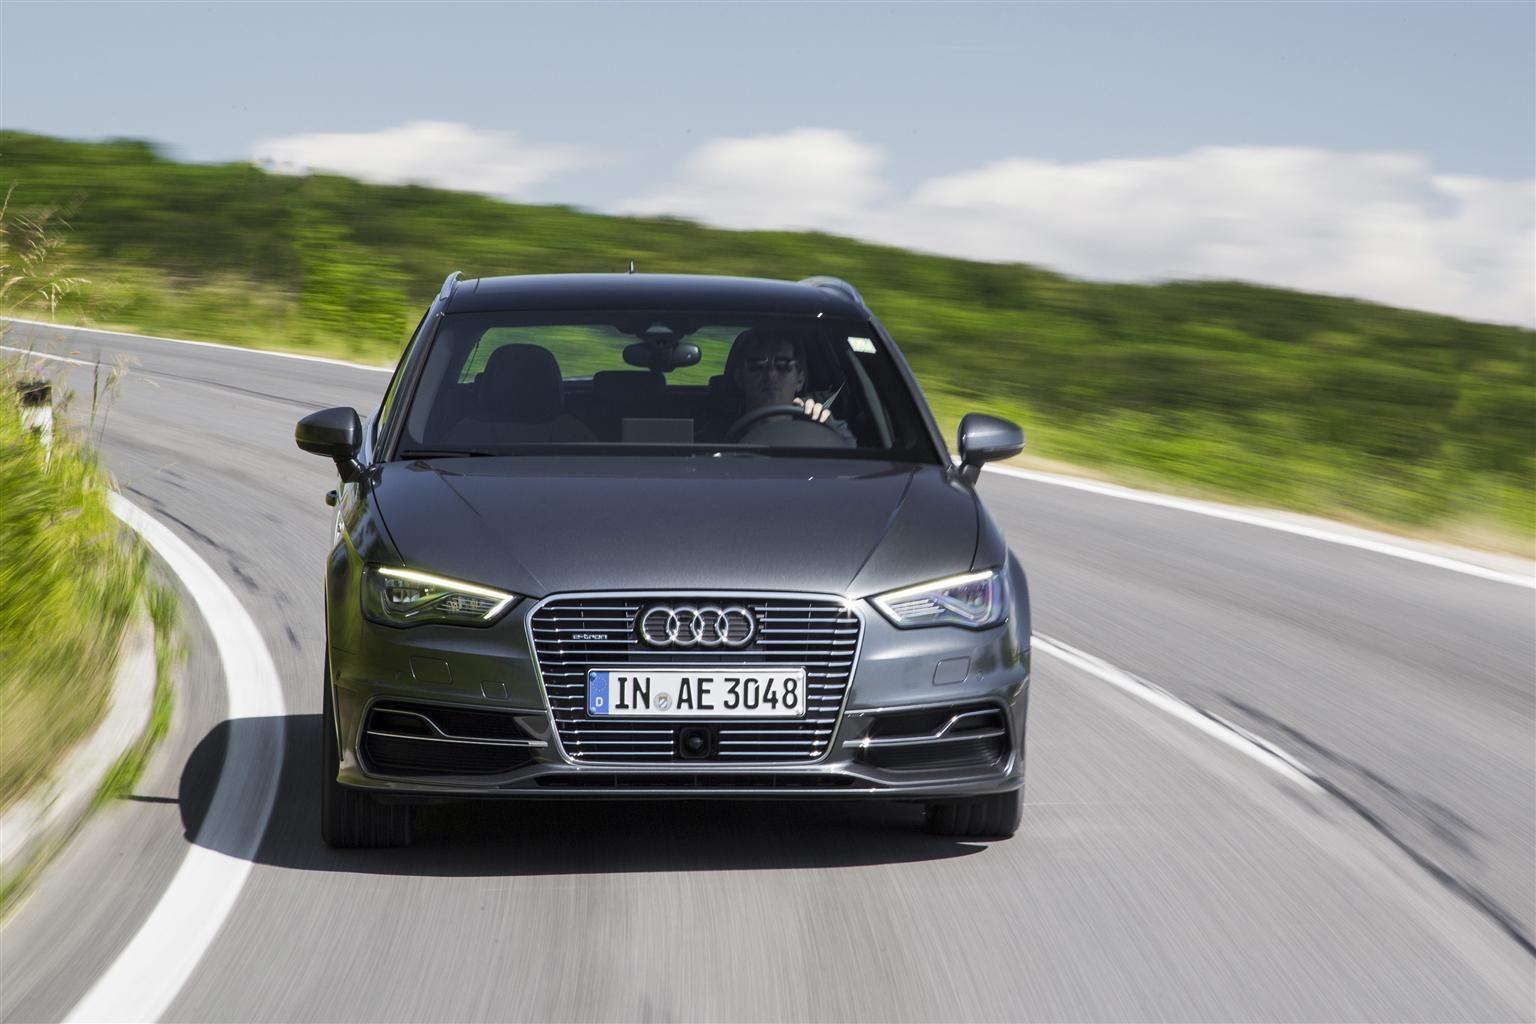 Audi A3 Sportback etron La mobilità del domani Audi a3